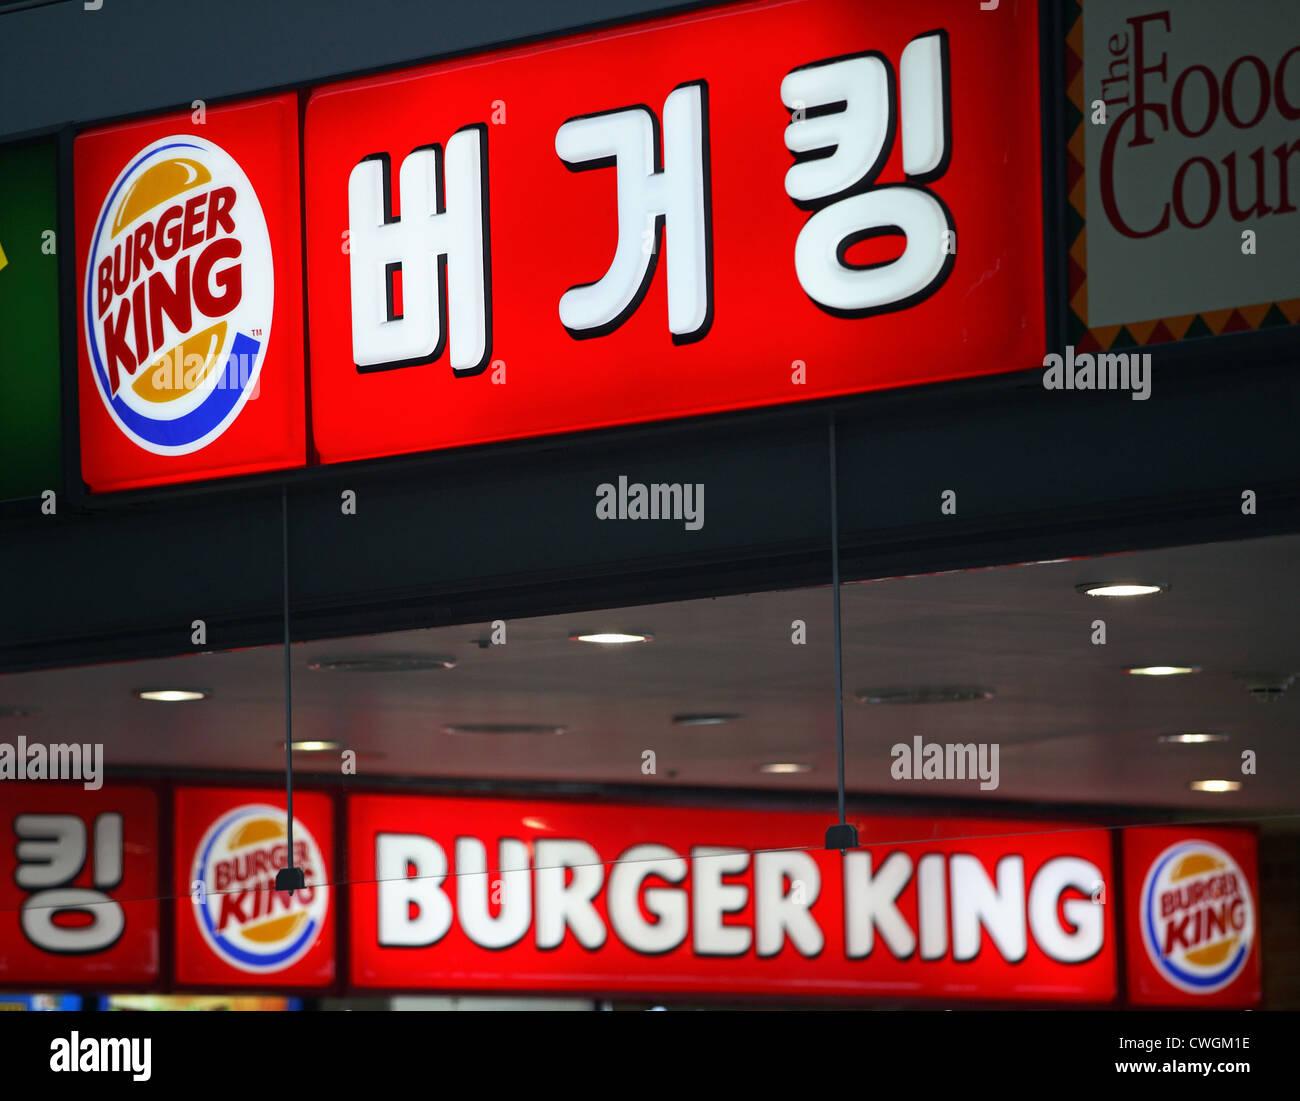 Burger king kamp lintfort coupons